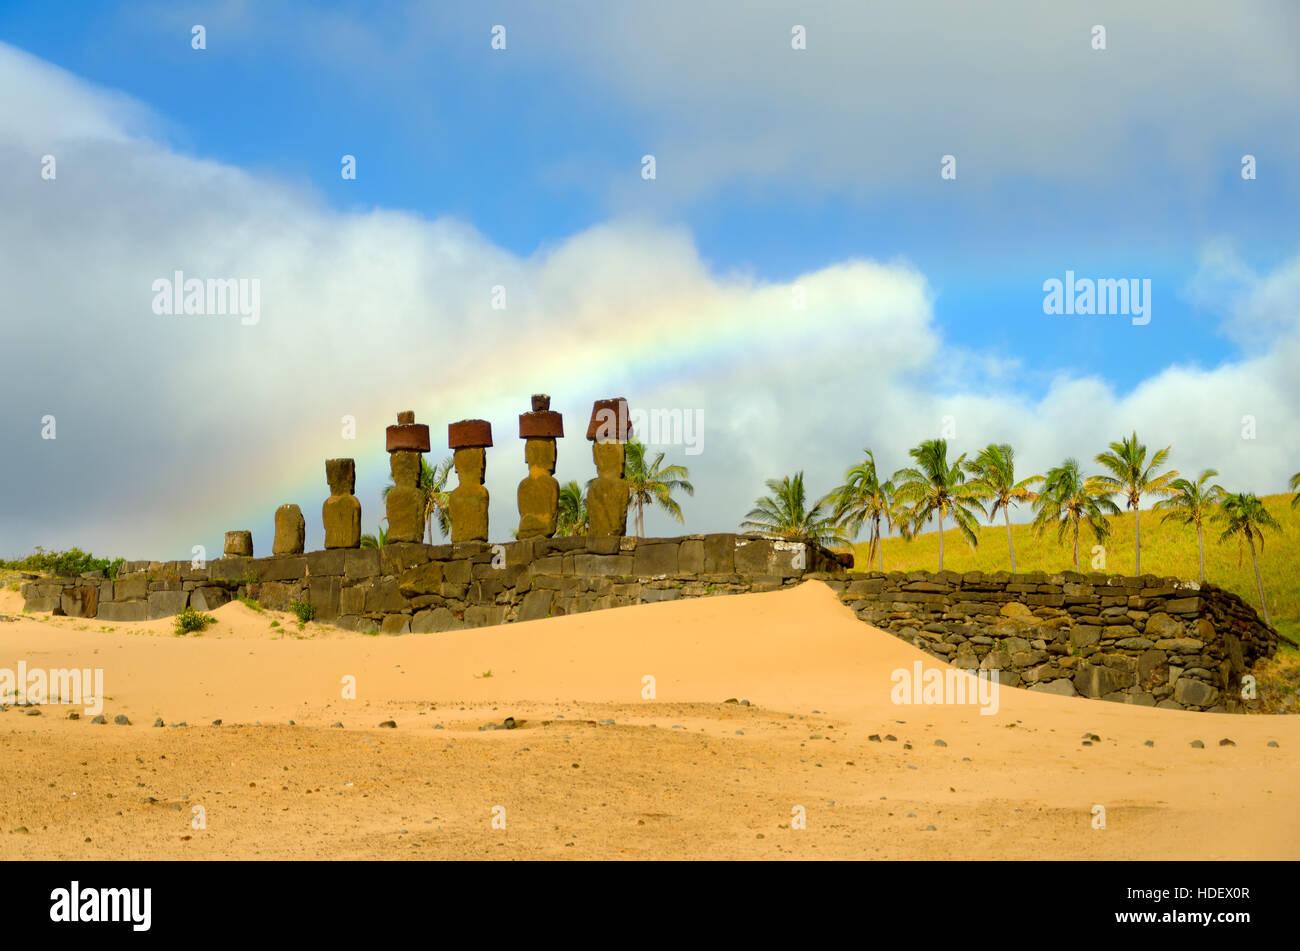 Arco iris sobre el moai en la playa de Anakena en la Isla de Pascua, Chile Imagen De Stock